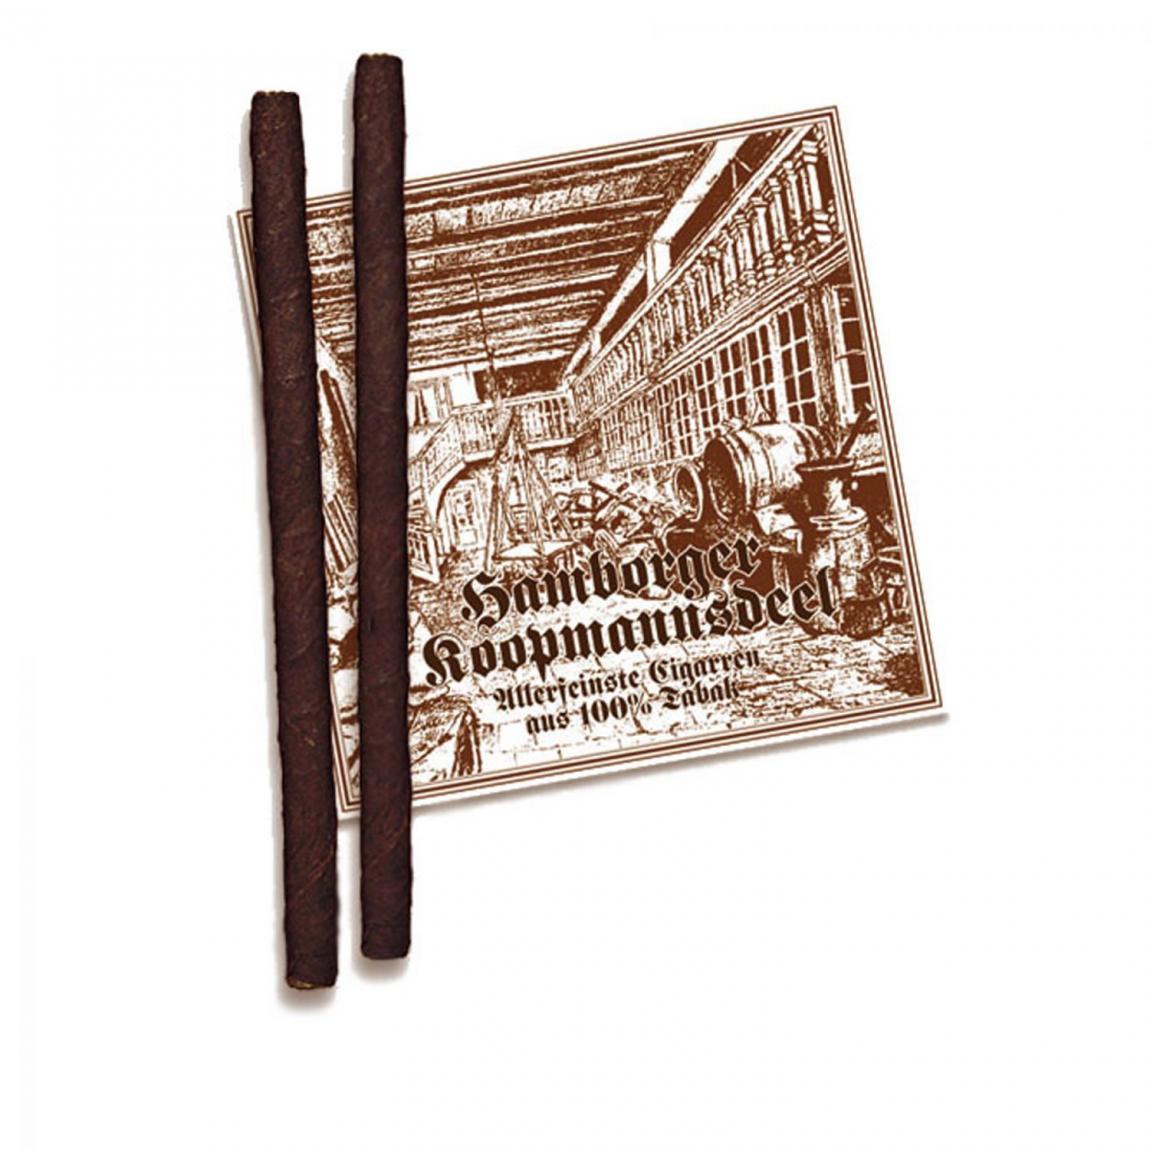 Hamborger Koopmannsdeel Brasil No. 16 Long Zigarillo 50er Kiste